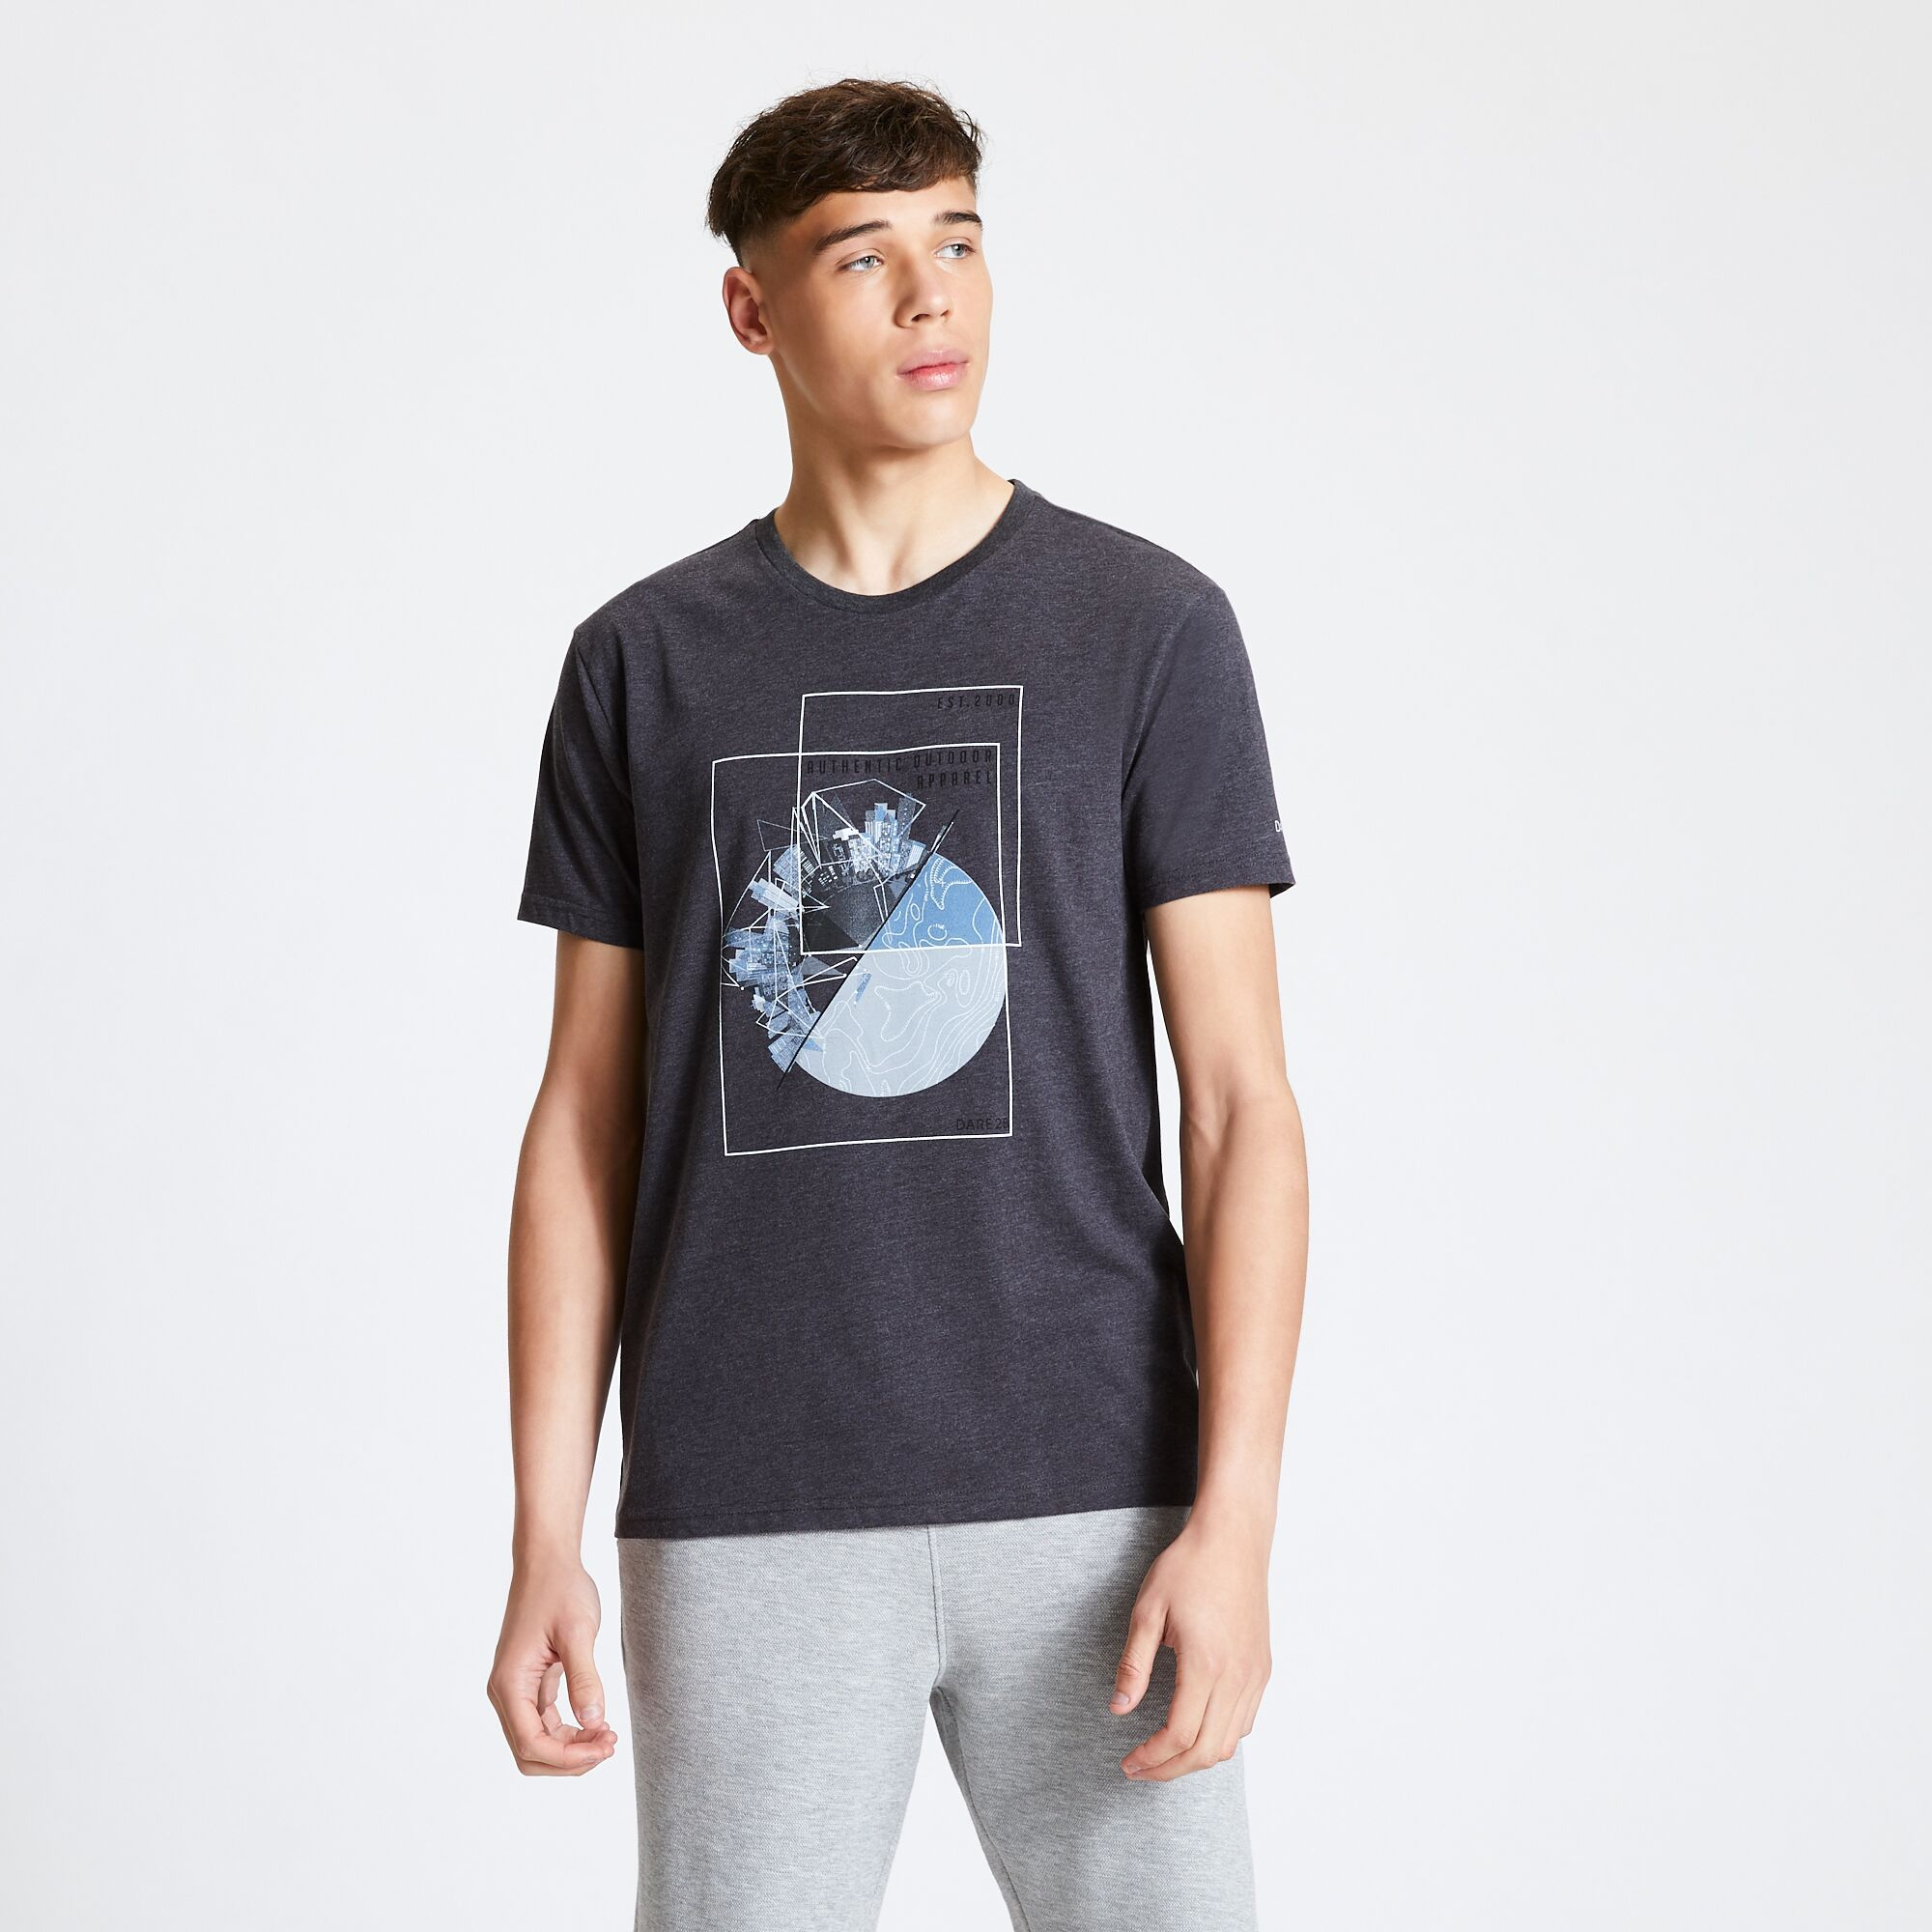 miniature 16 - Dare 2B - T-shirt imprimé STRINGENT - Homme (RG5022)